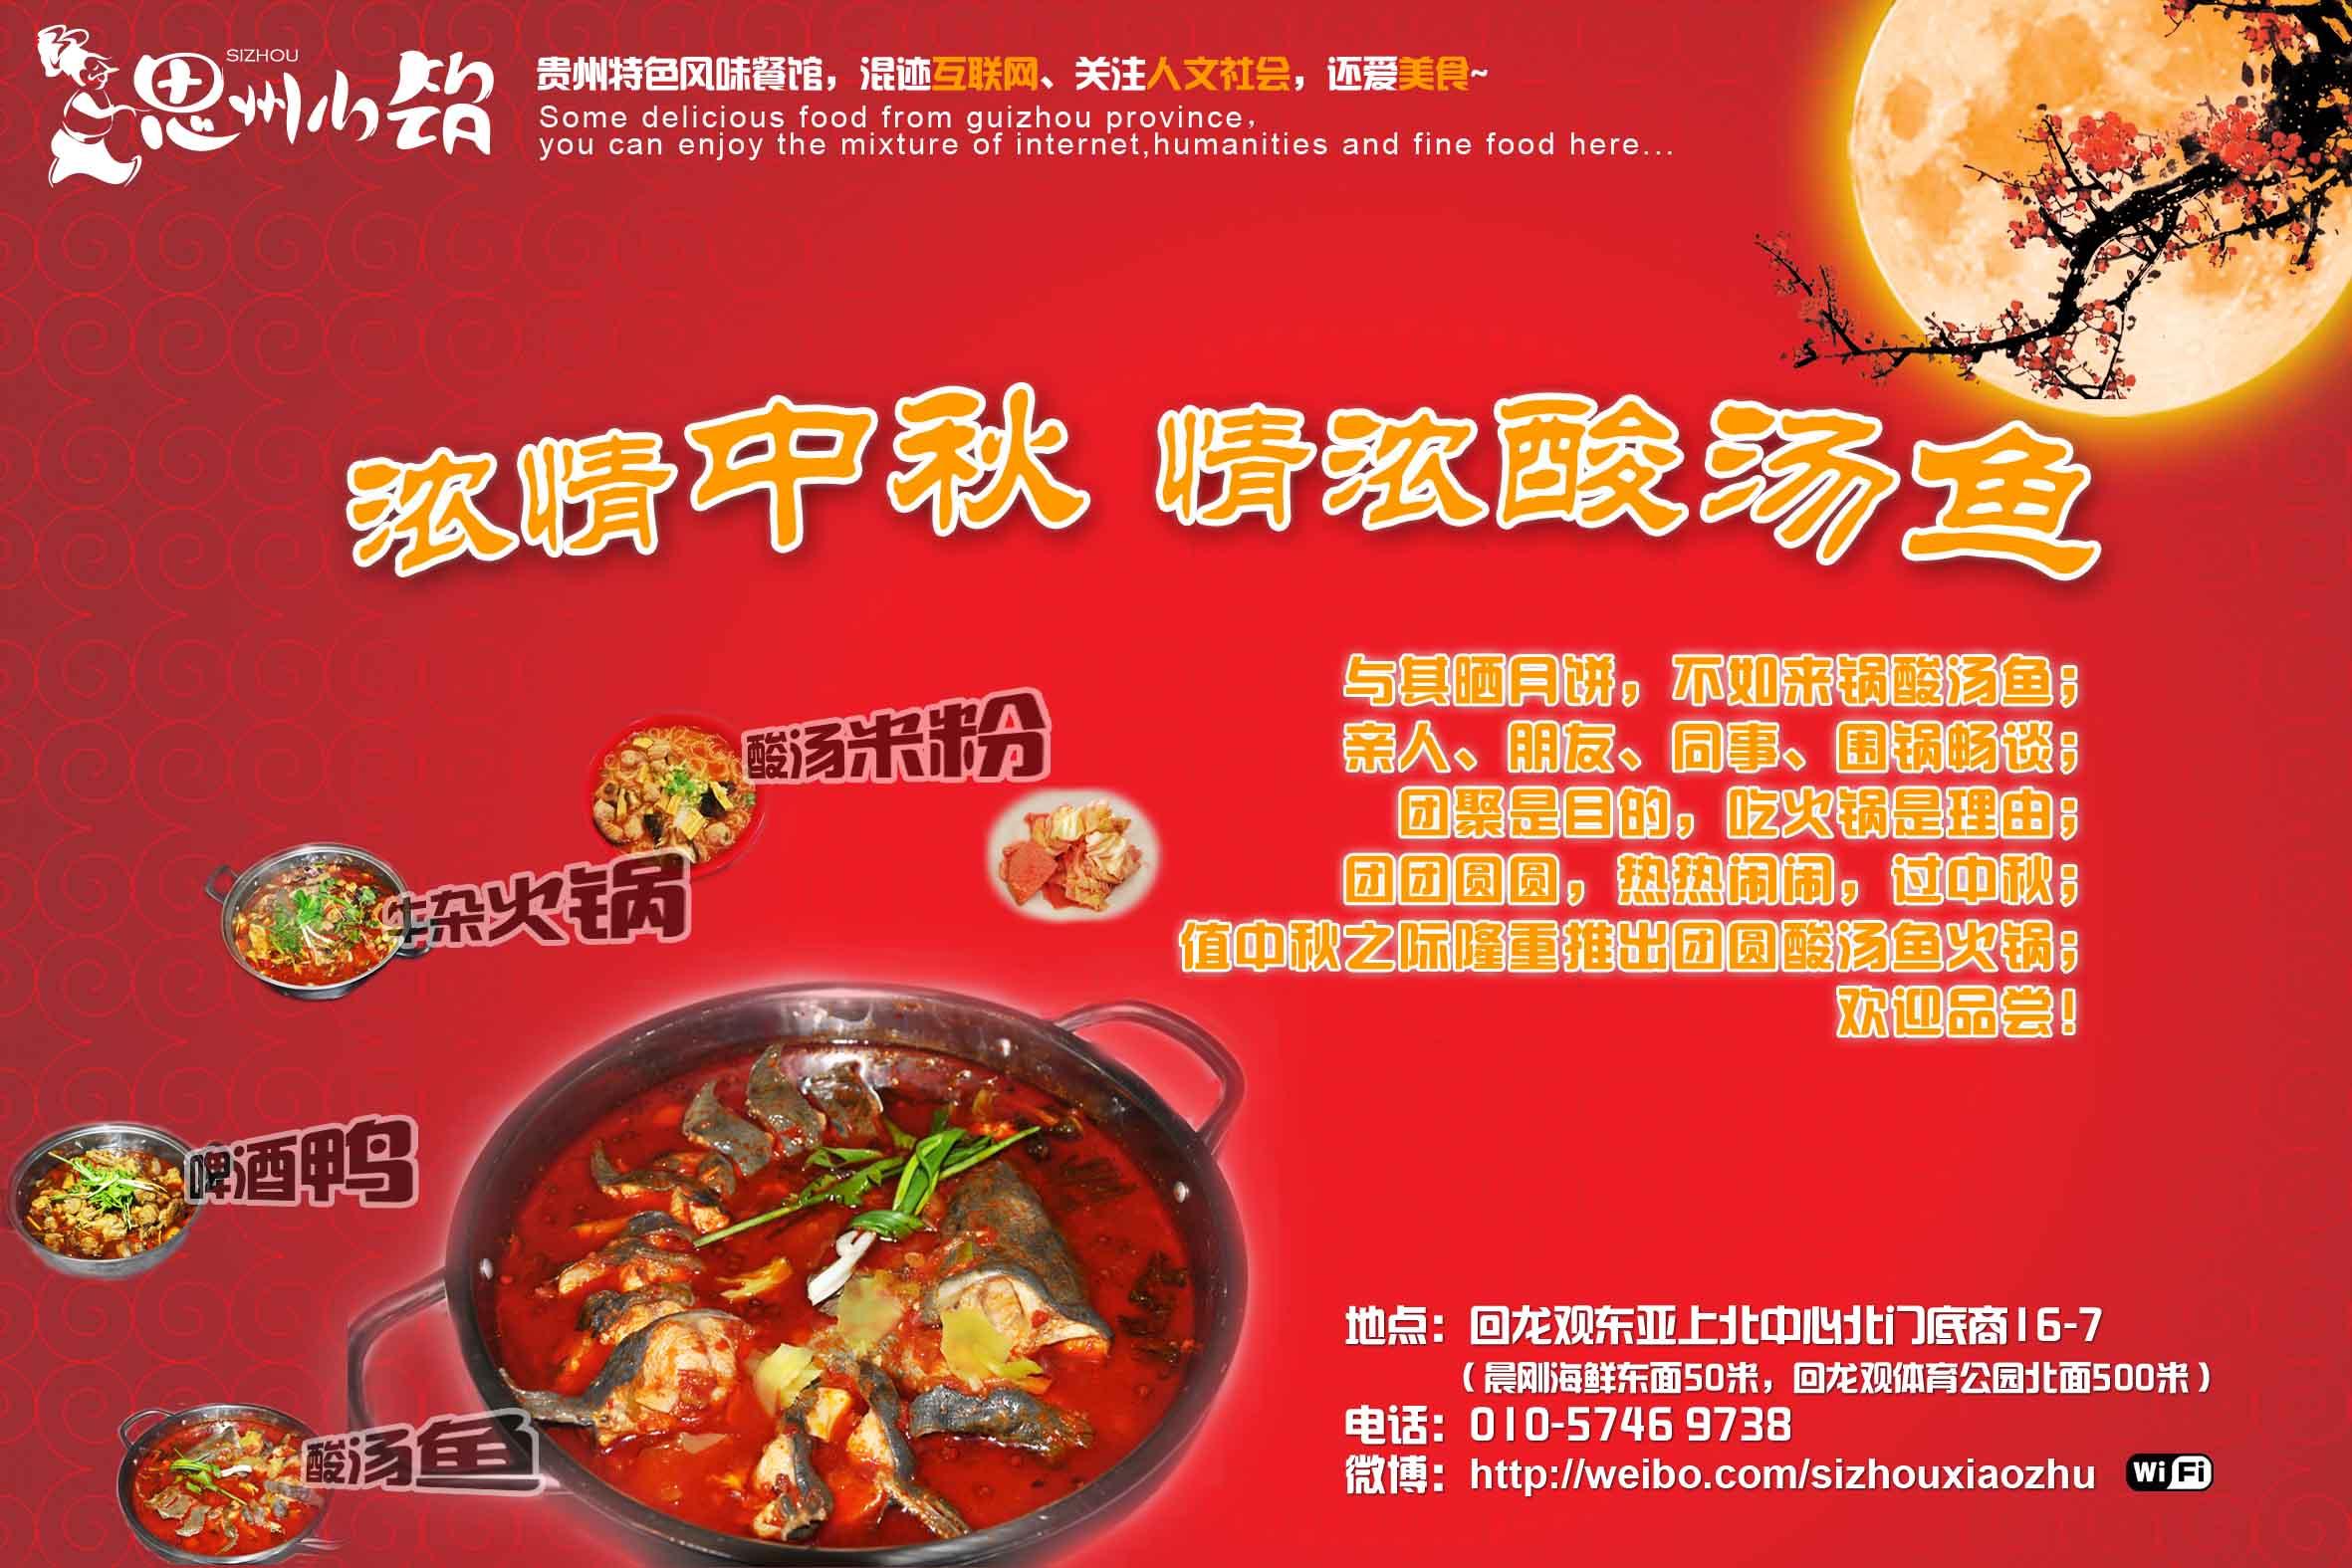 围锅畅谈;   团聚是目的,吃火锅是理由;   团团圆圆,热热闹闹,过中秋